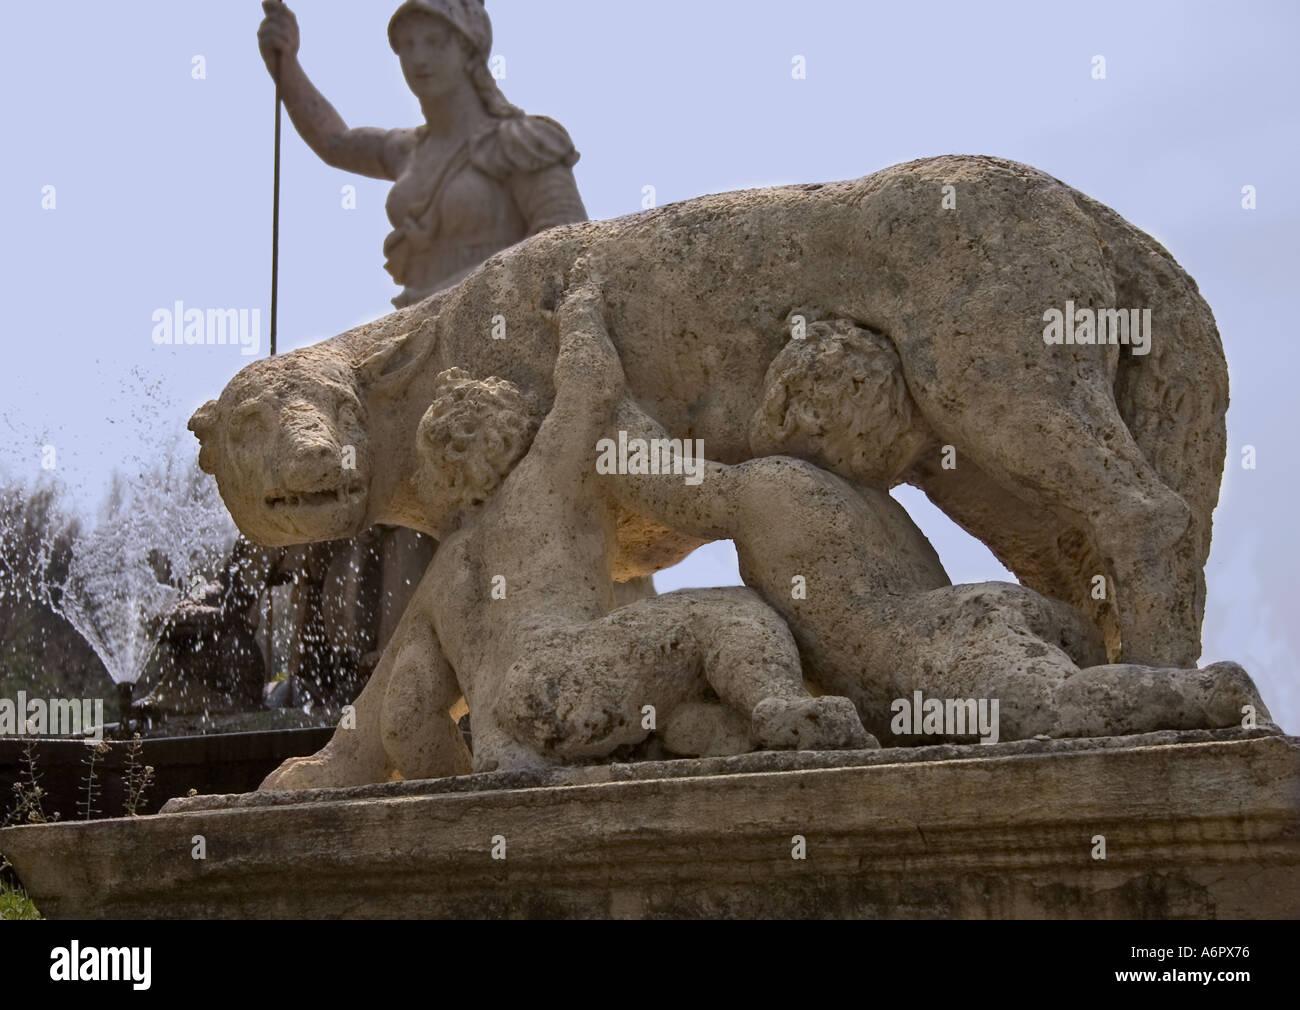 Statue of Romulus Remus - Stock Image